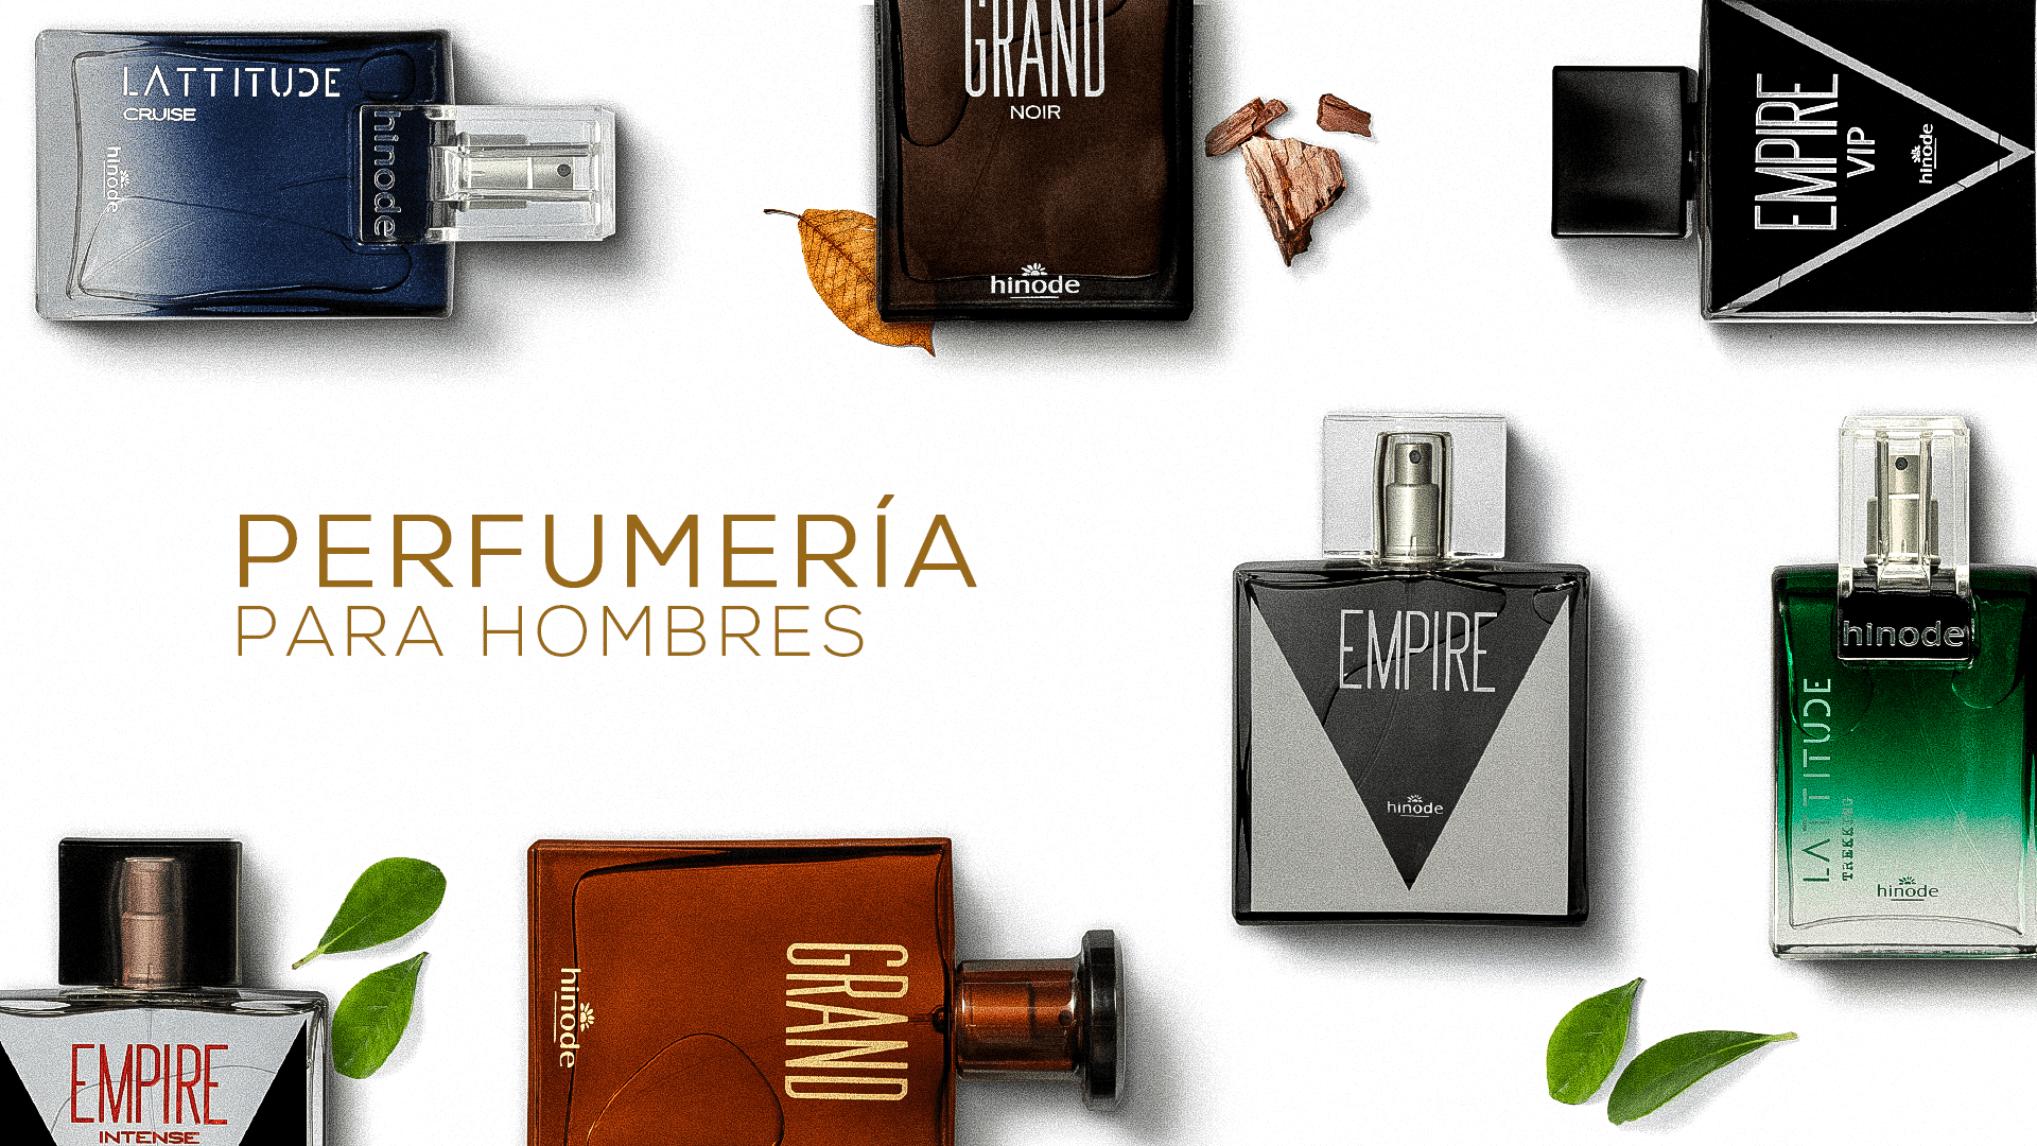 Perfumería hombre Grupo Hinode